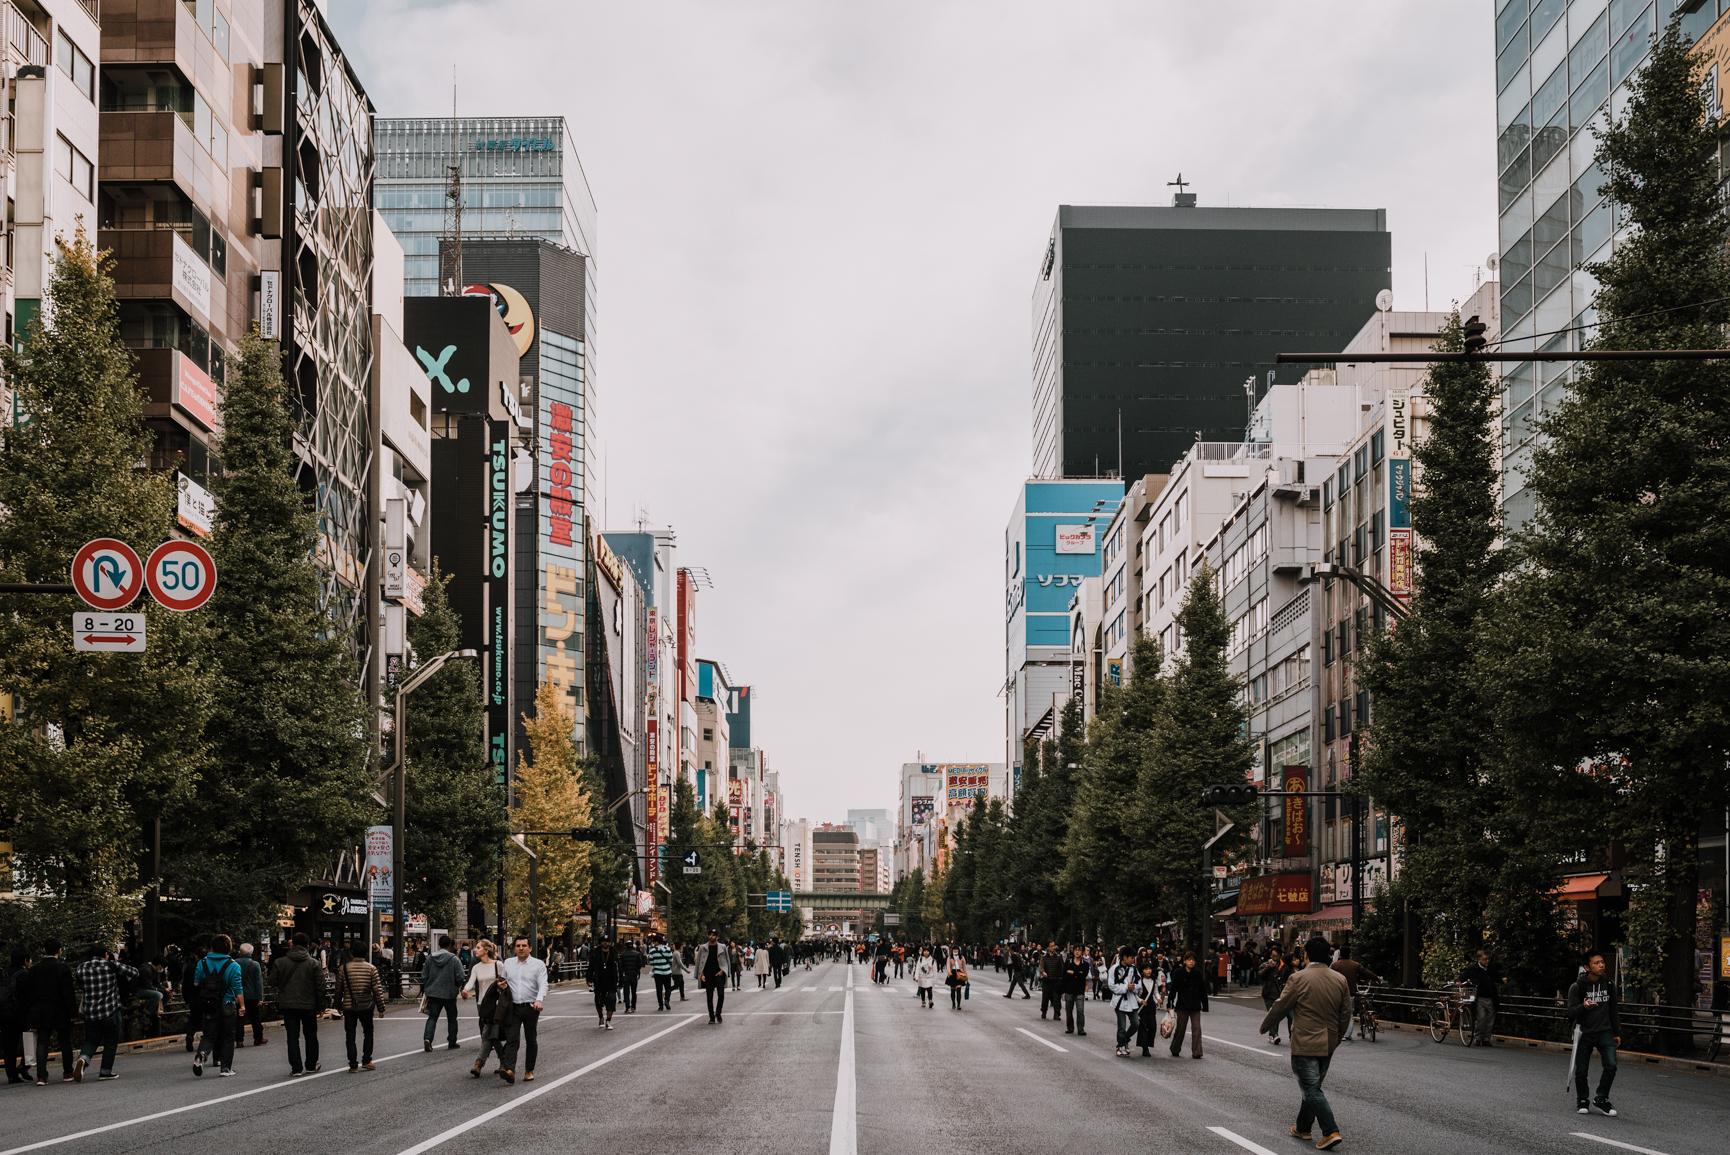 161120-Japan-5003207-151212-0587.jpg